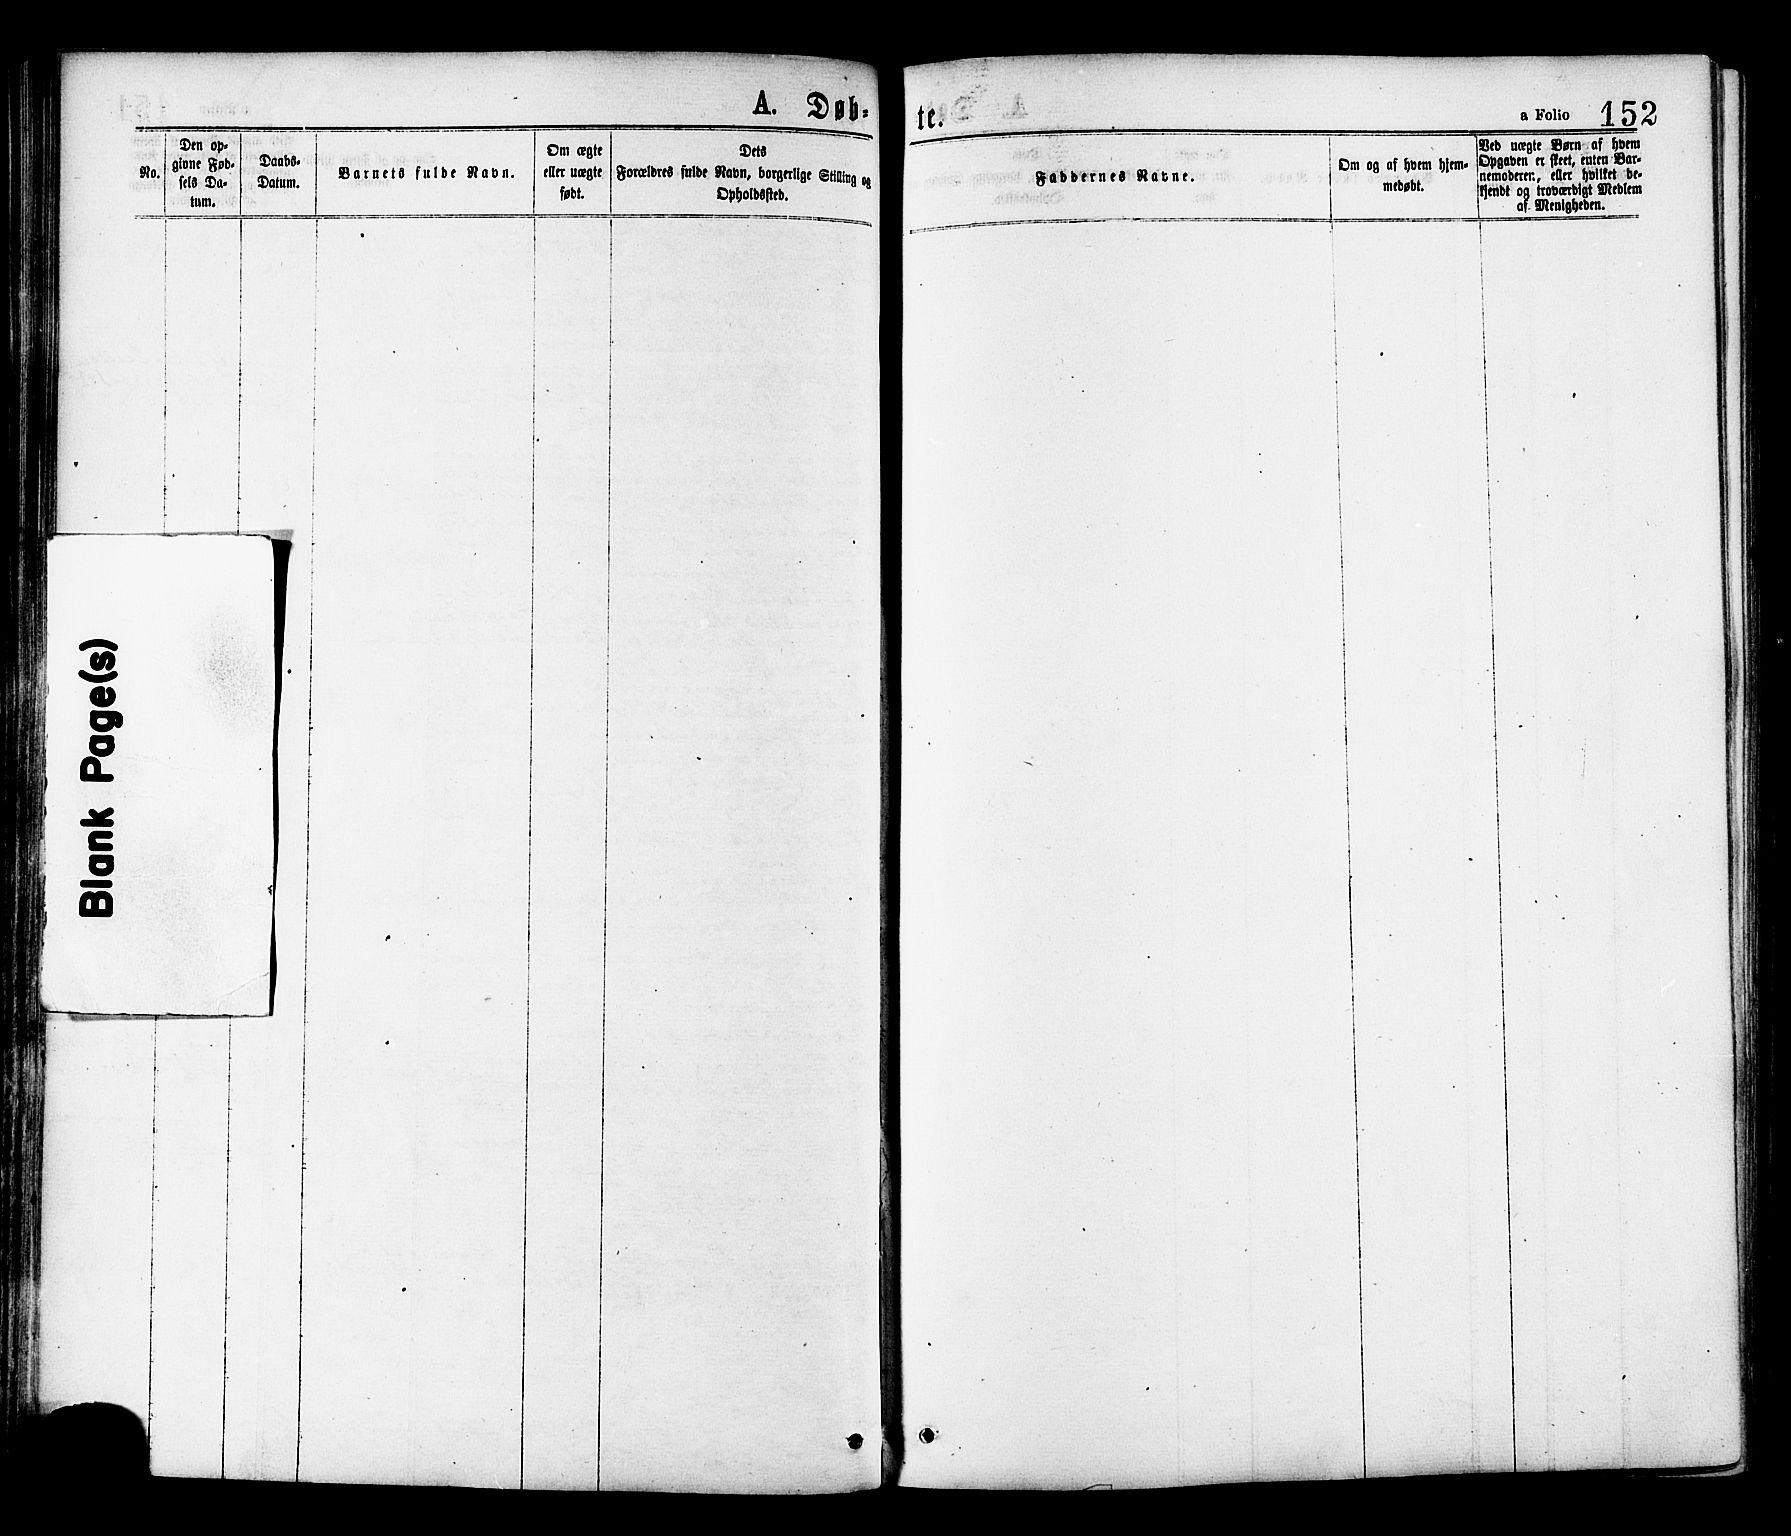 SAT, Ministerialprotokoller, klokkerbøker og fødselsregistre - Sør-Trøndelag, 646/L0613: Ministerialbok nr. 646A11, 1870-1884, s. 152